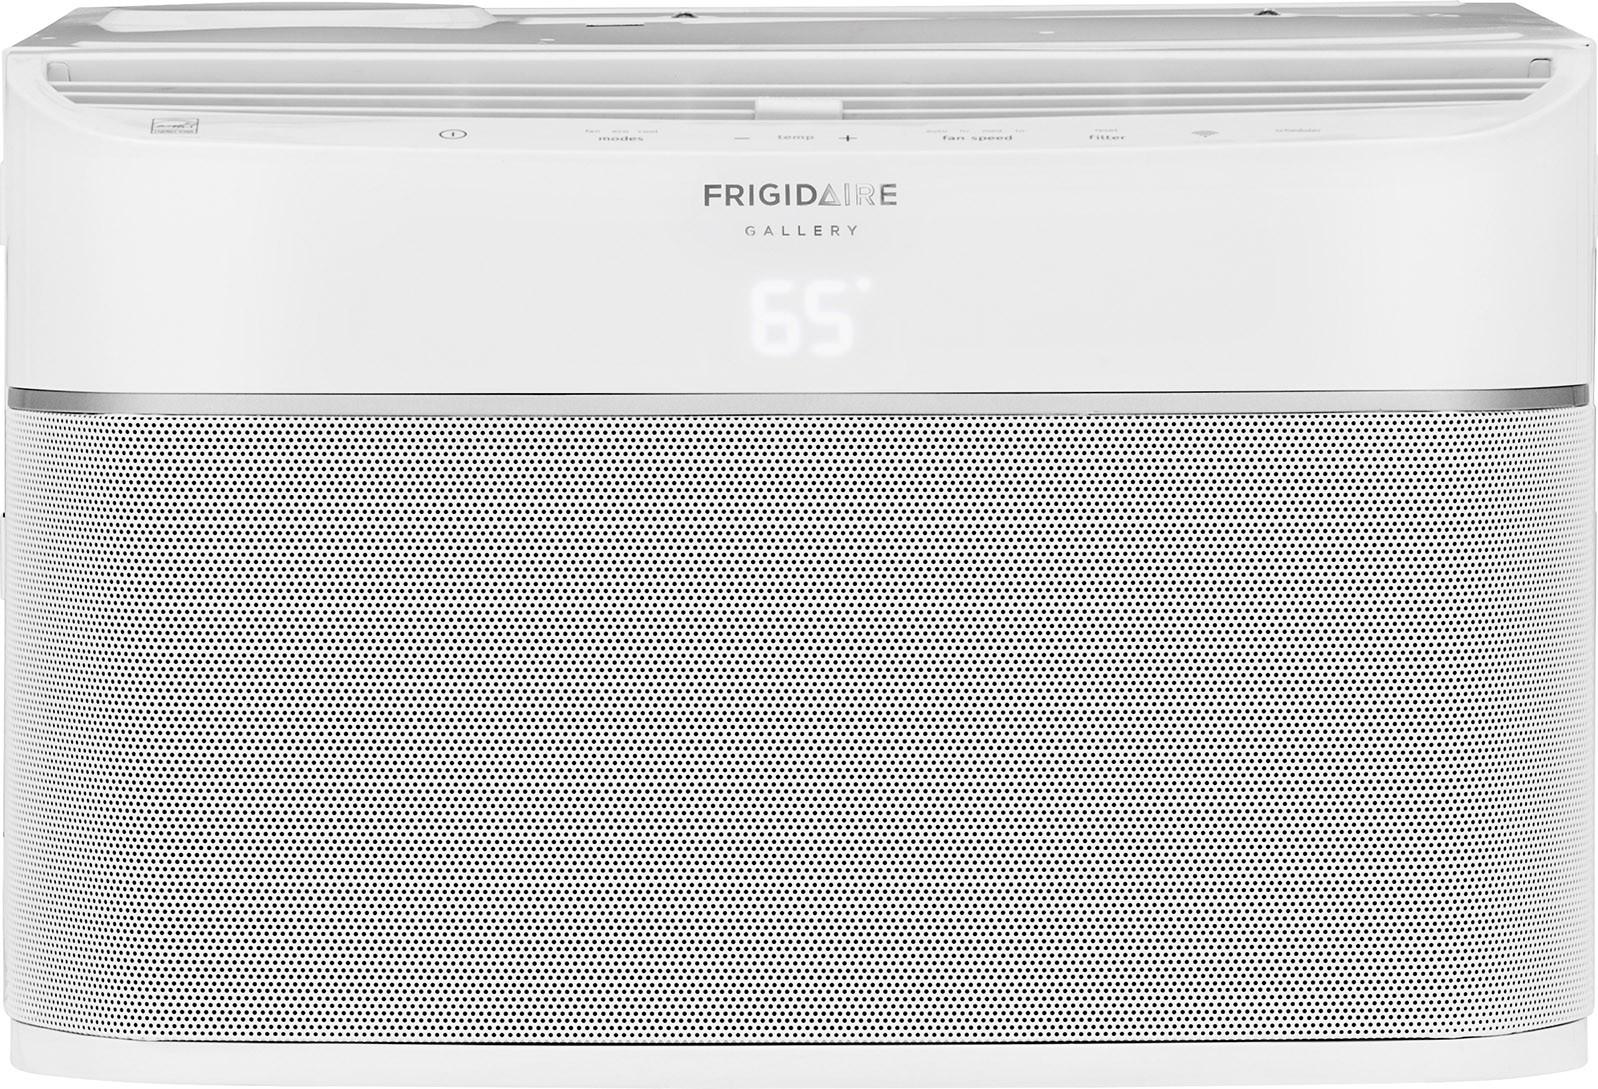 Frigidaire Fgrc0644u1 6000 Btu Room Air Conditioner With